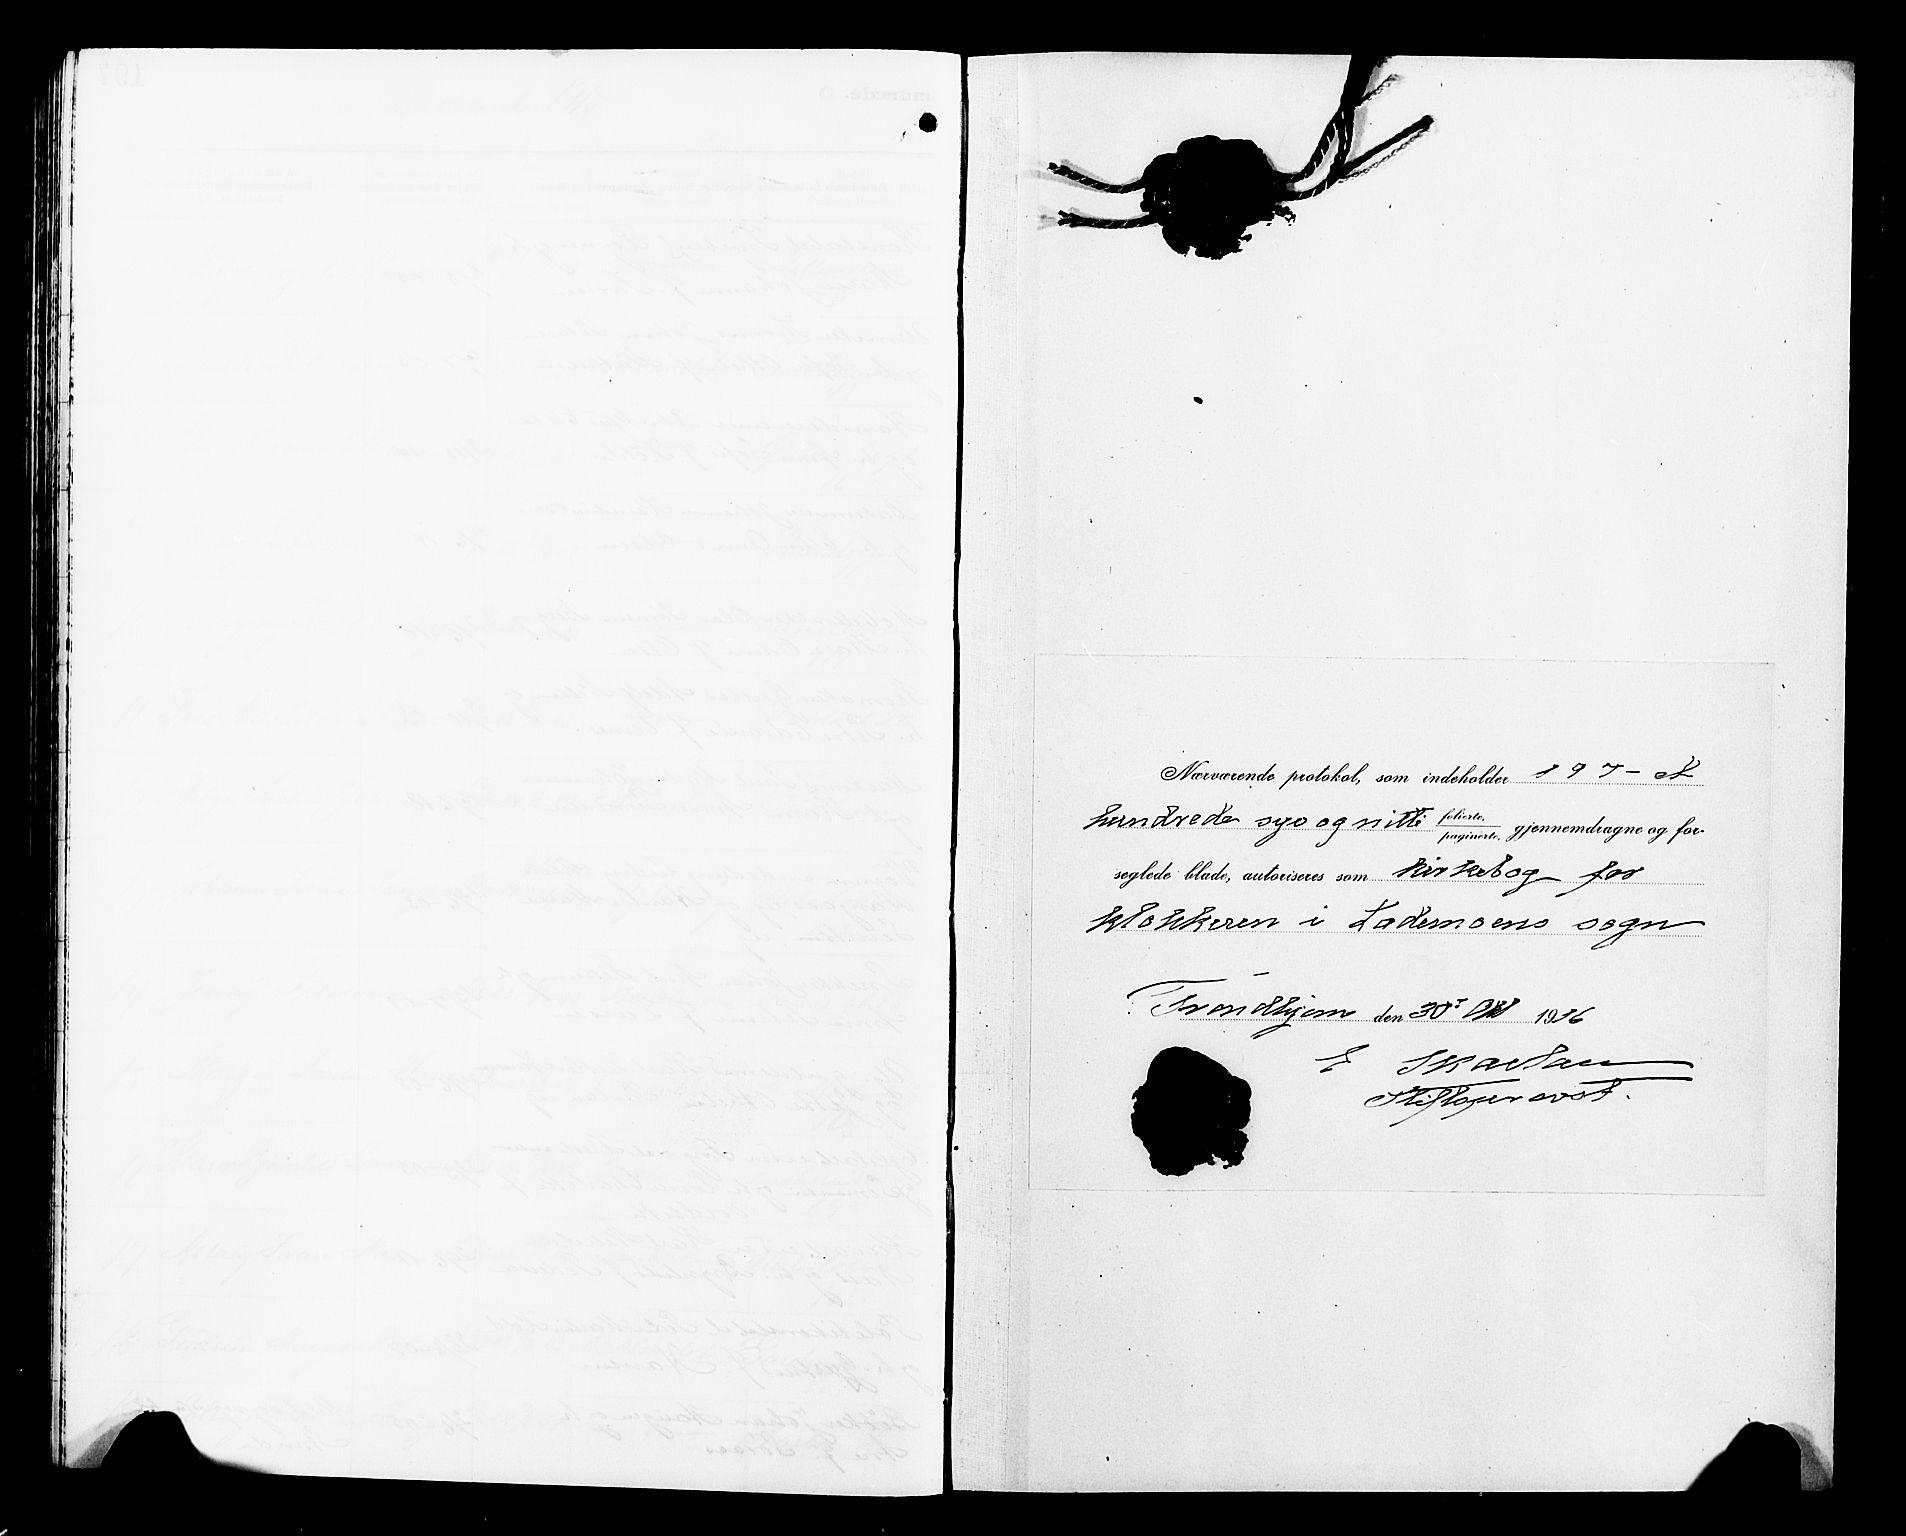 SAT, Ministerialprotokoller, klokkerbøker og fødselsregistre - Sør-Trøndelag, 605/L0256: Klokkerbok nr. 605C03, 1916-1920